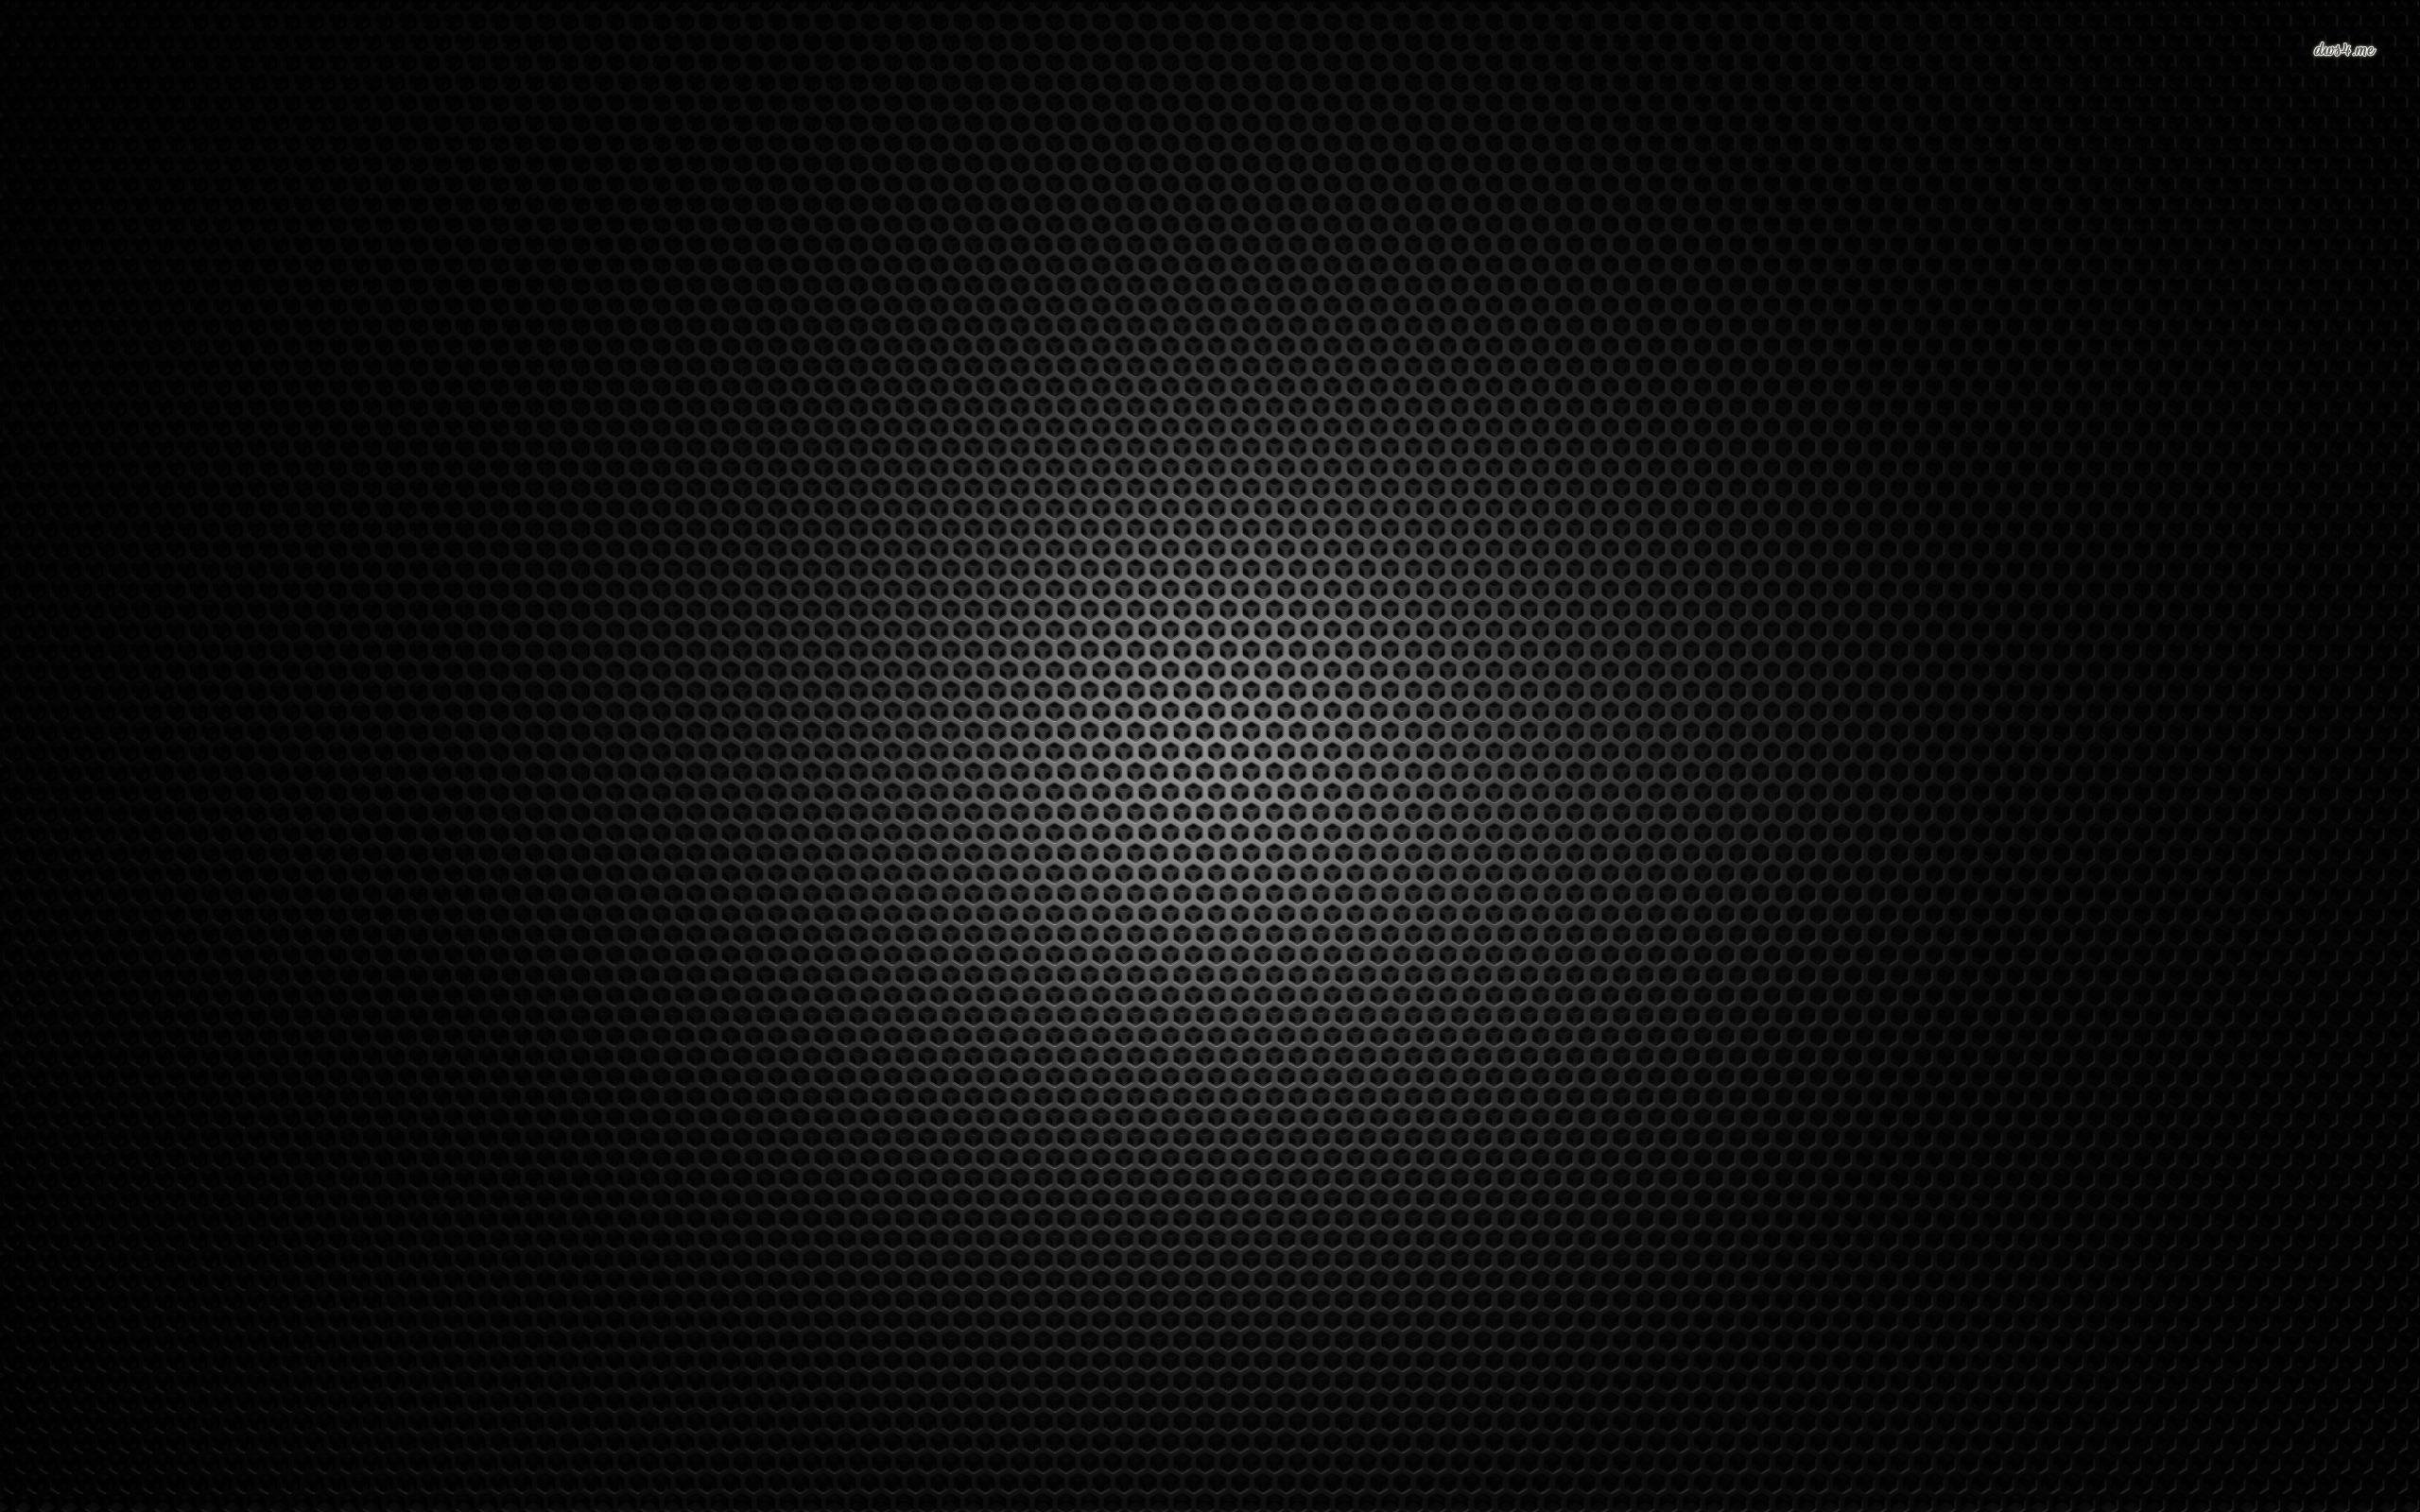 Carbon Fiber HD wallpapers 2560x1600